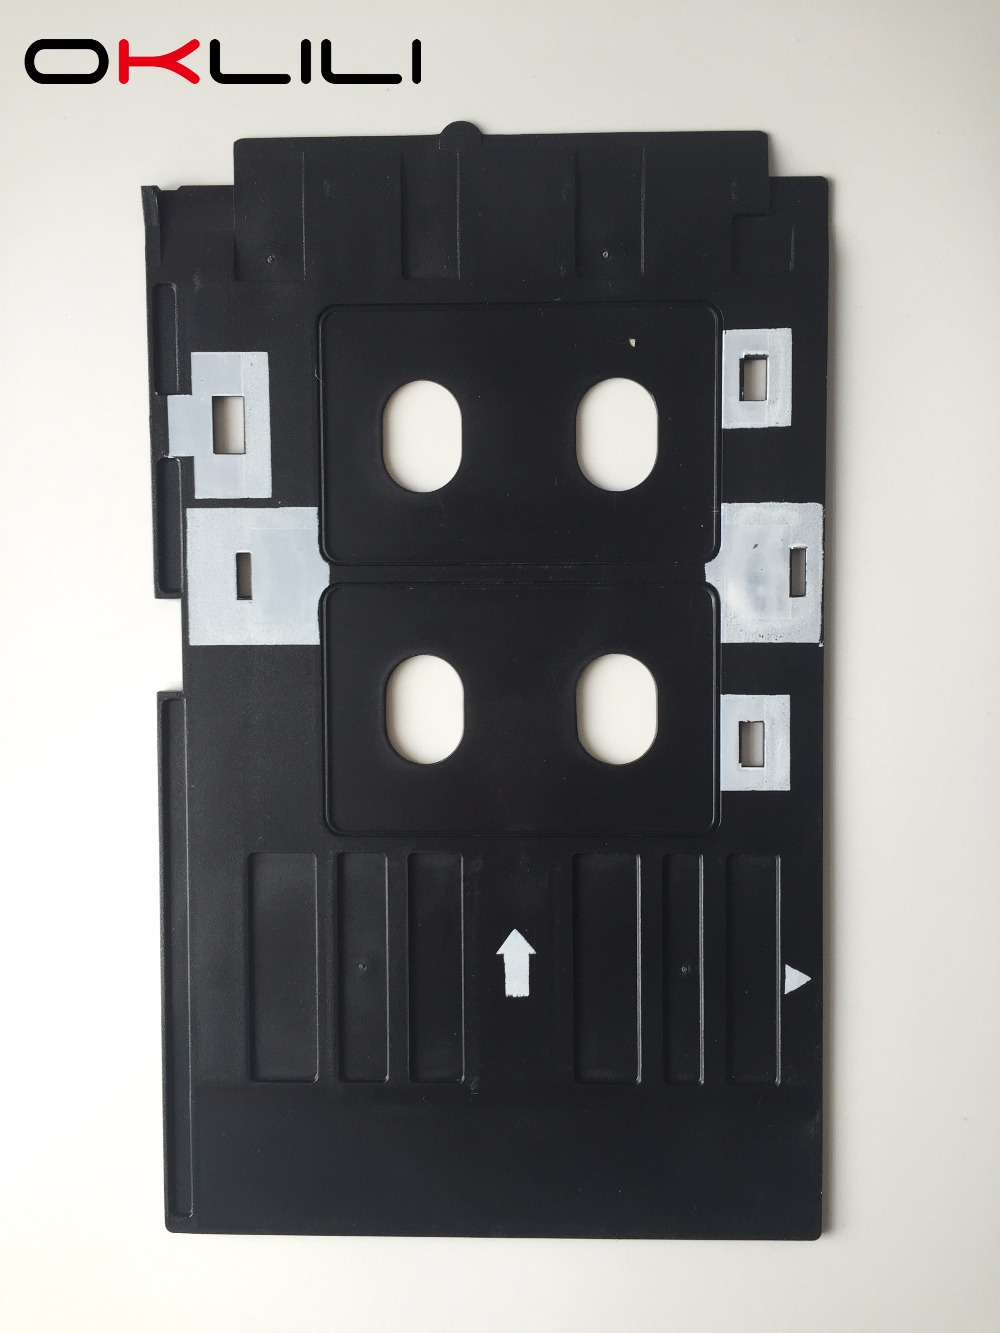 PVC azonosító kártya tálca műanyag kártya nyomtatási tálca az Epson R260 R265 R270 R280 R290 R380 R390 RX680 T50 T60 A50 P50 L800 L801 R330